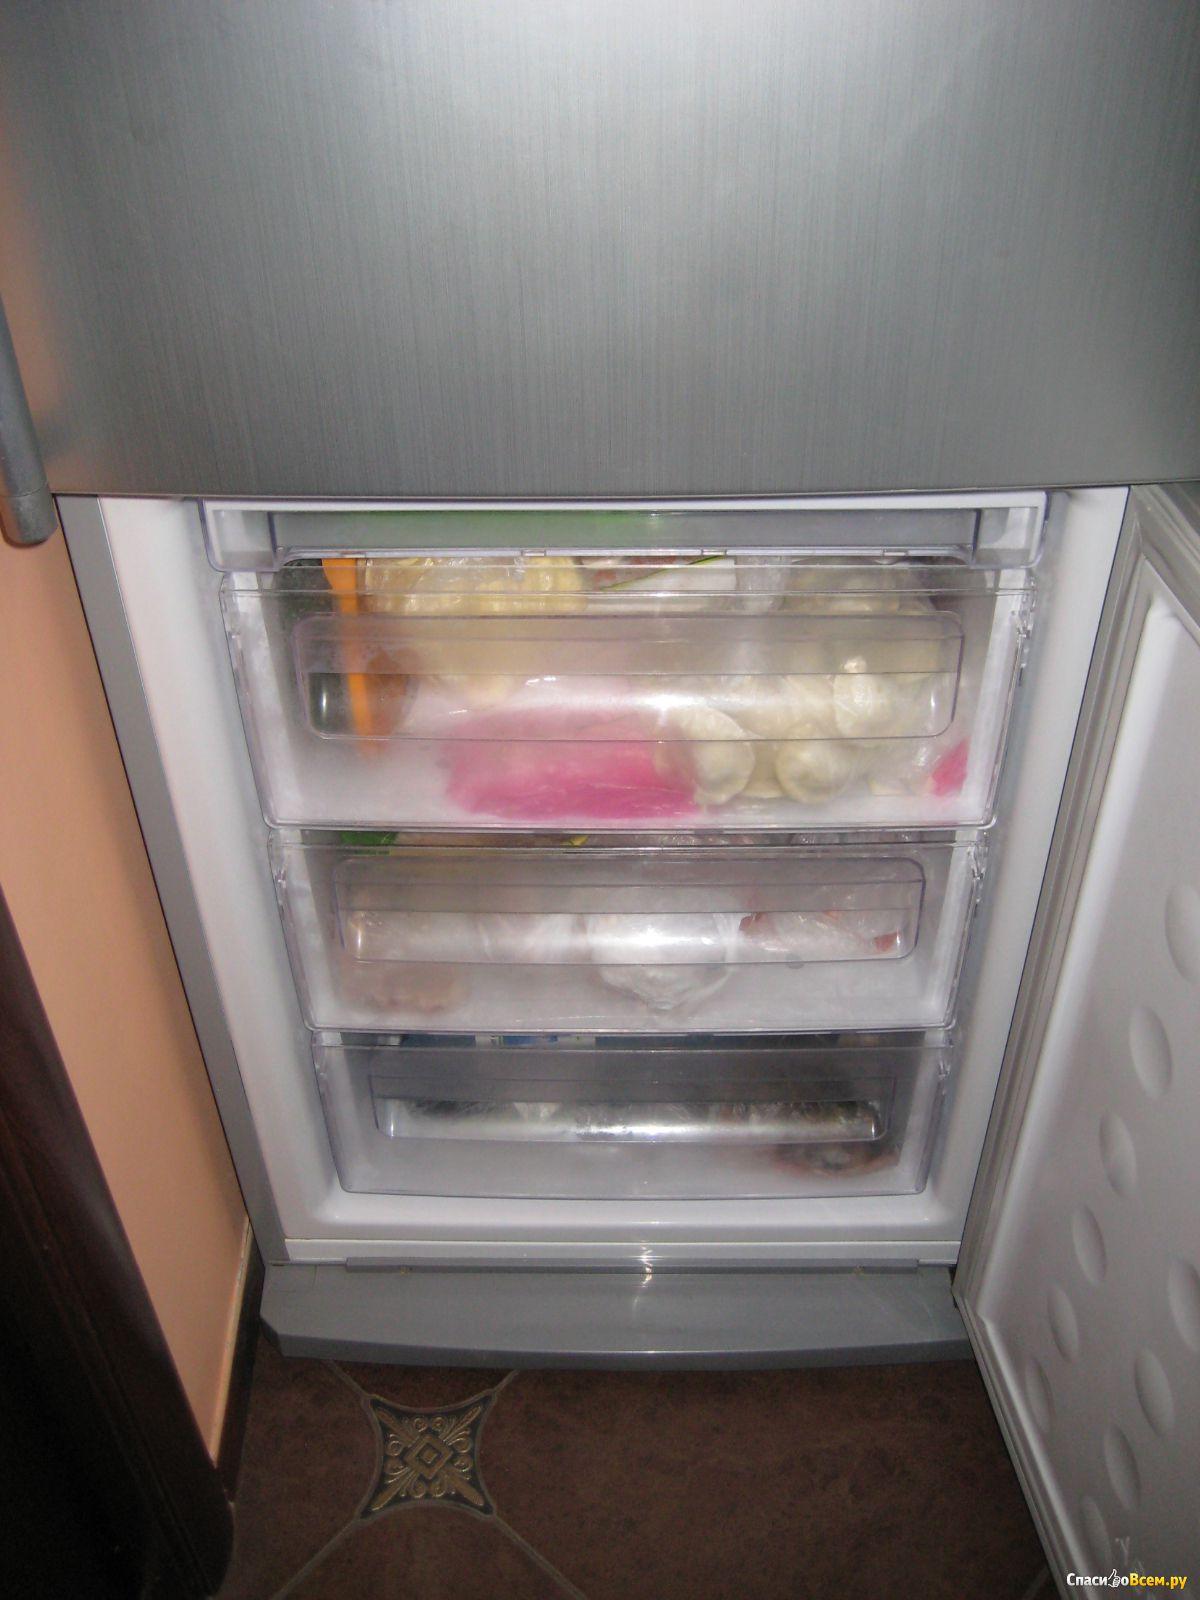 Ремонт холодильника своими руками, неисправности, схемы